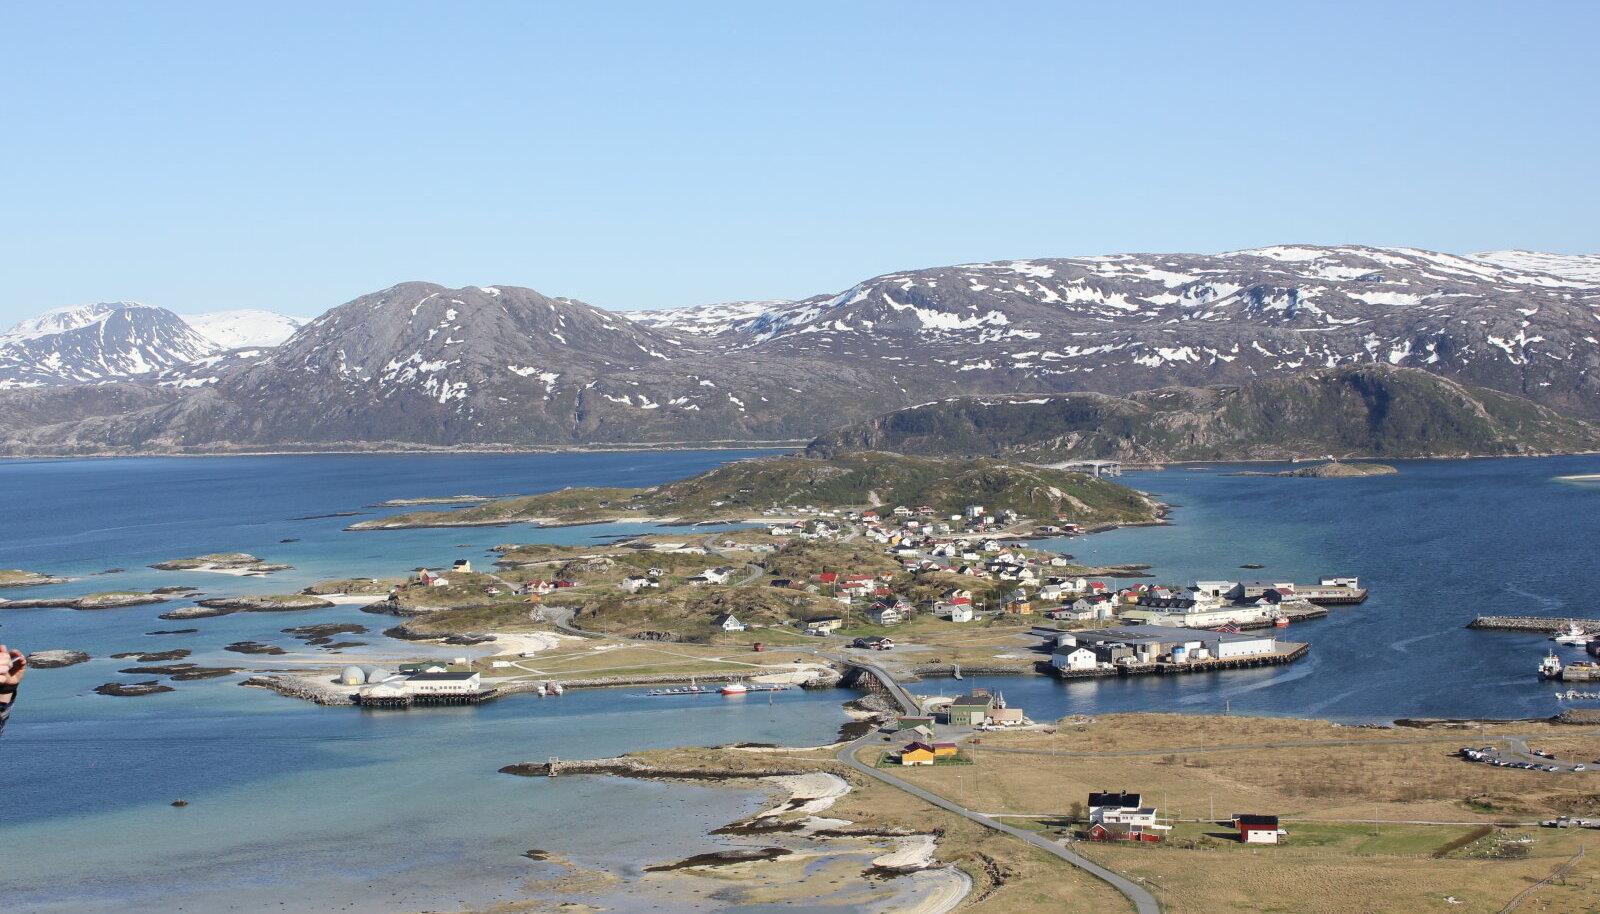 Sommarøy saar